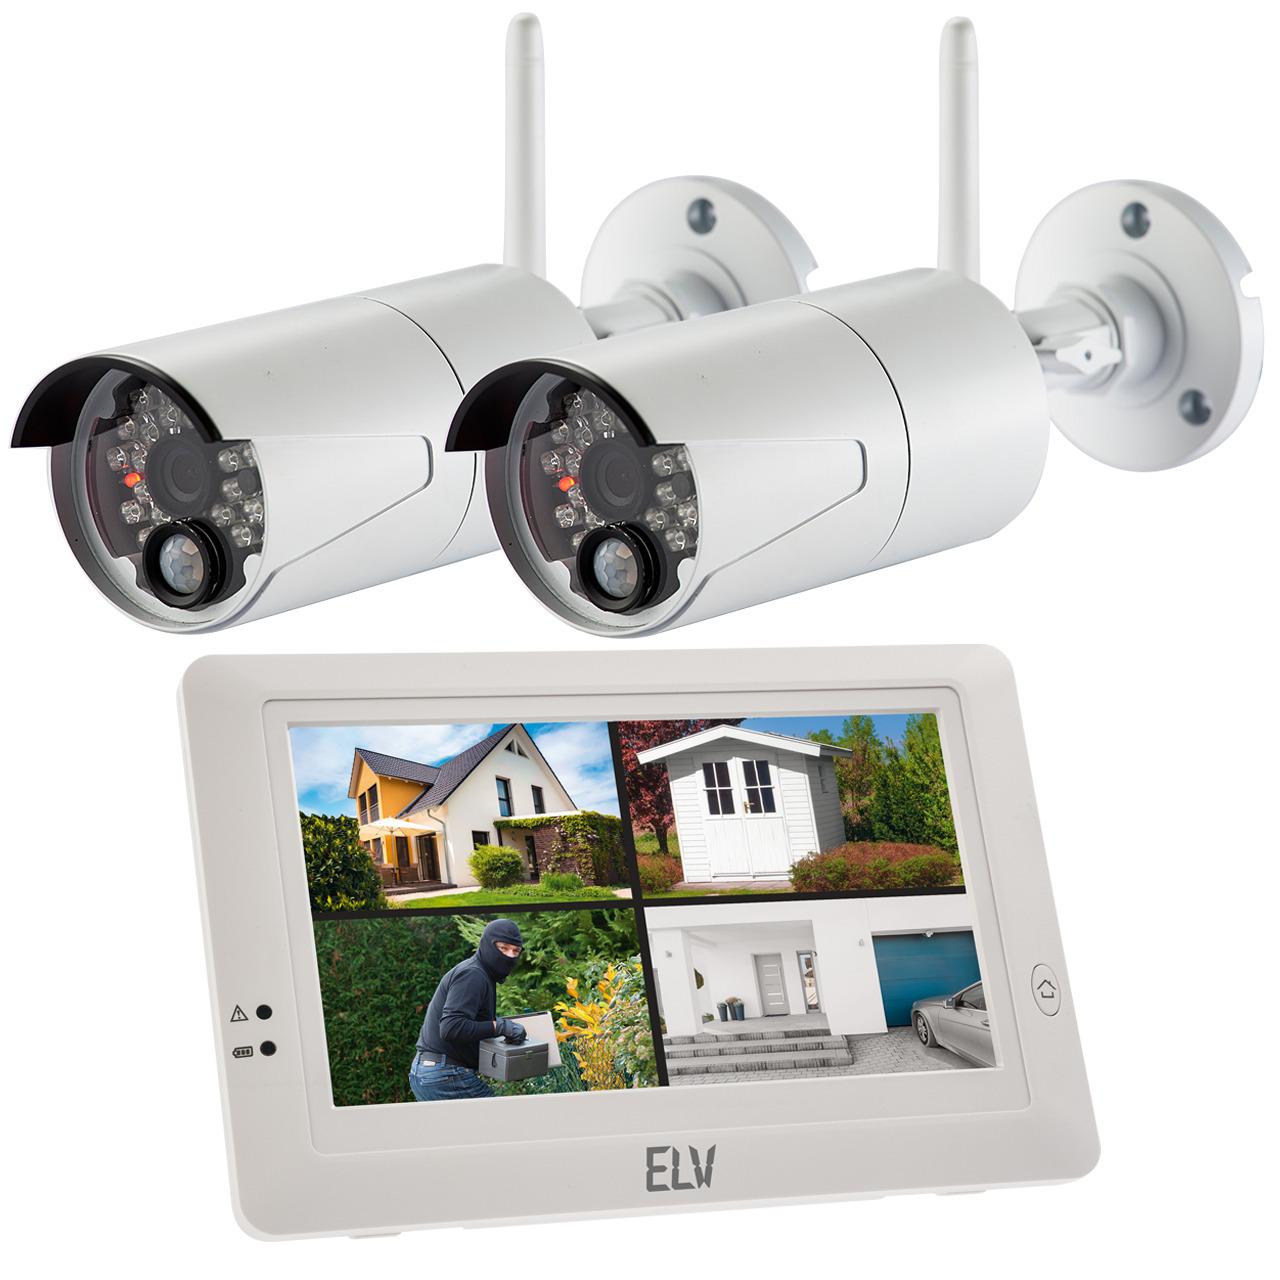 ELV Funk-Kamerasystem KS200 HD mit 2 Kameras- 720p- 2-4 GHz- mit App-Zugriff (iOS und Android)